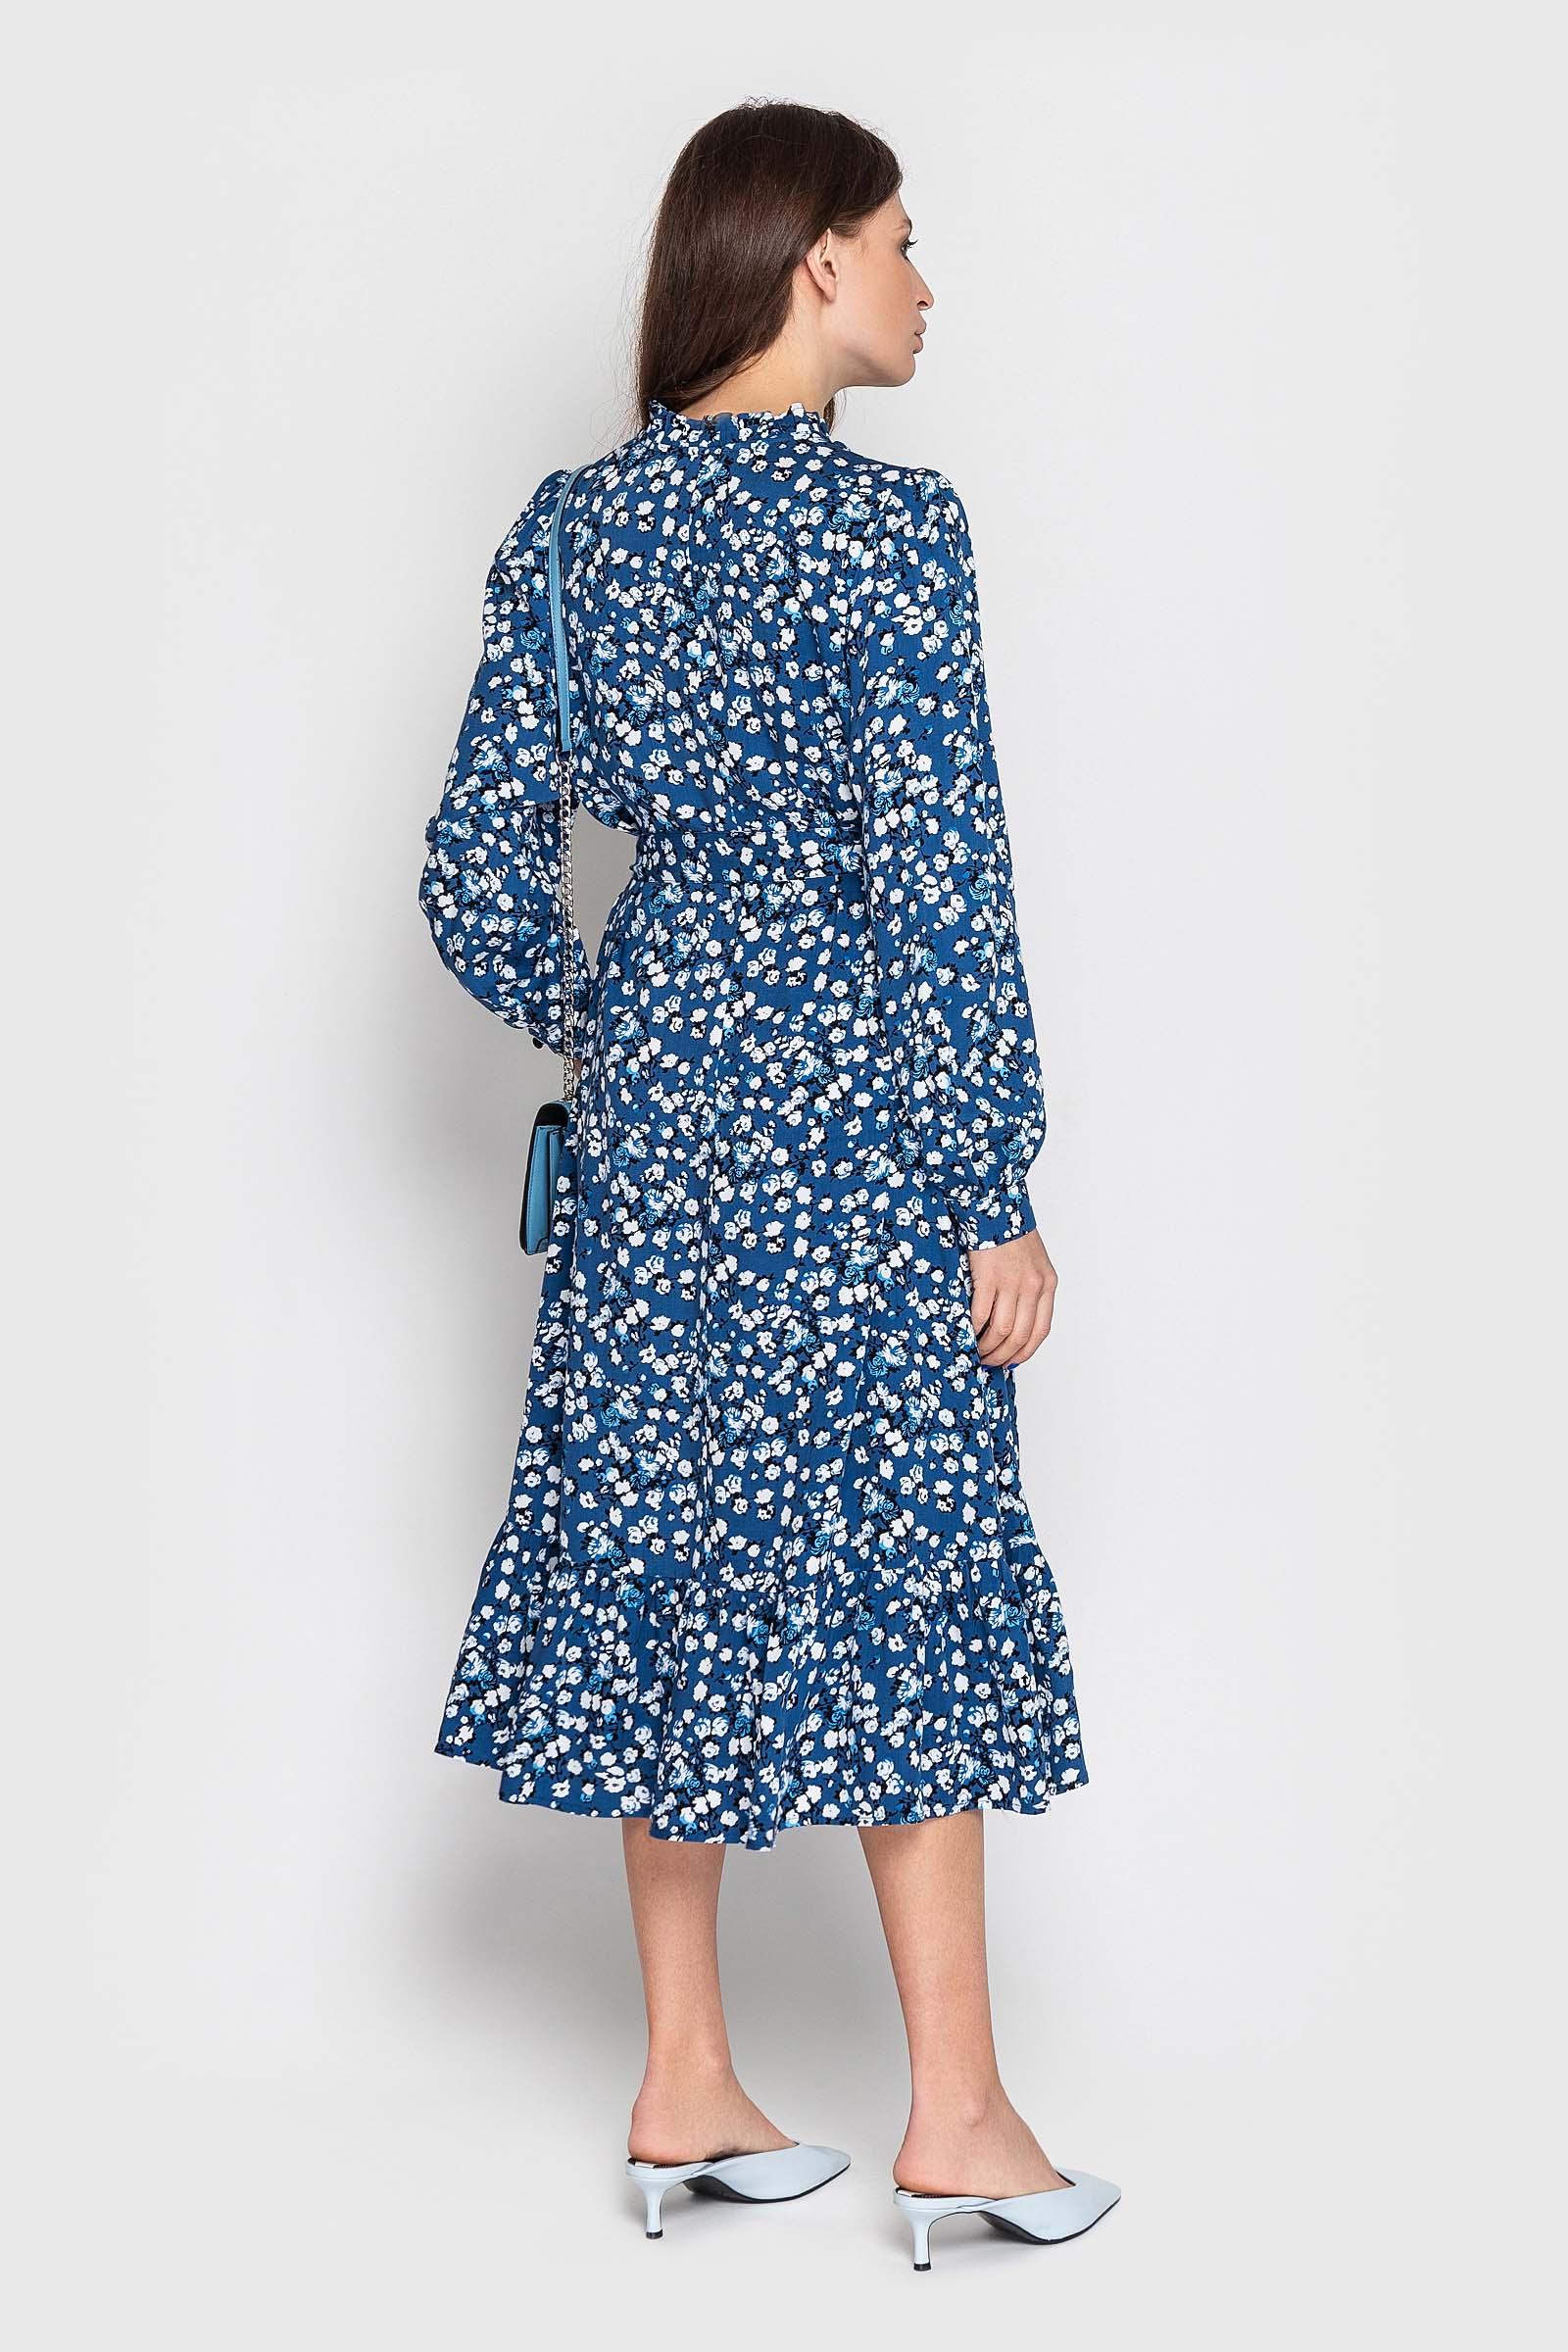 2021 04 10 poltava30179 Купить платье